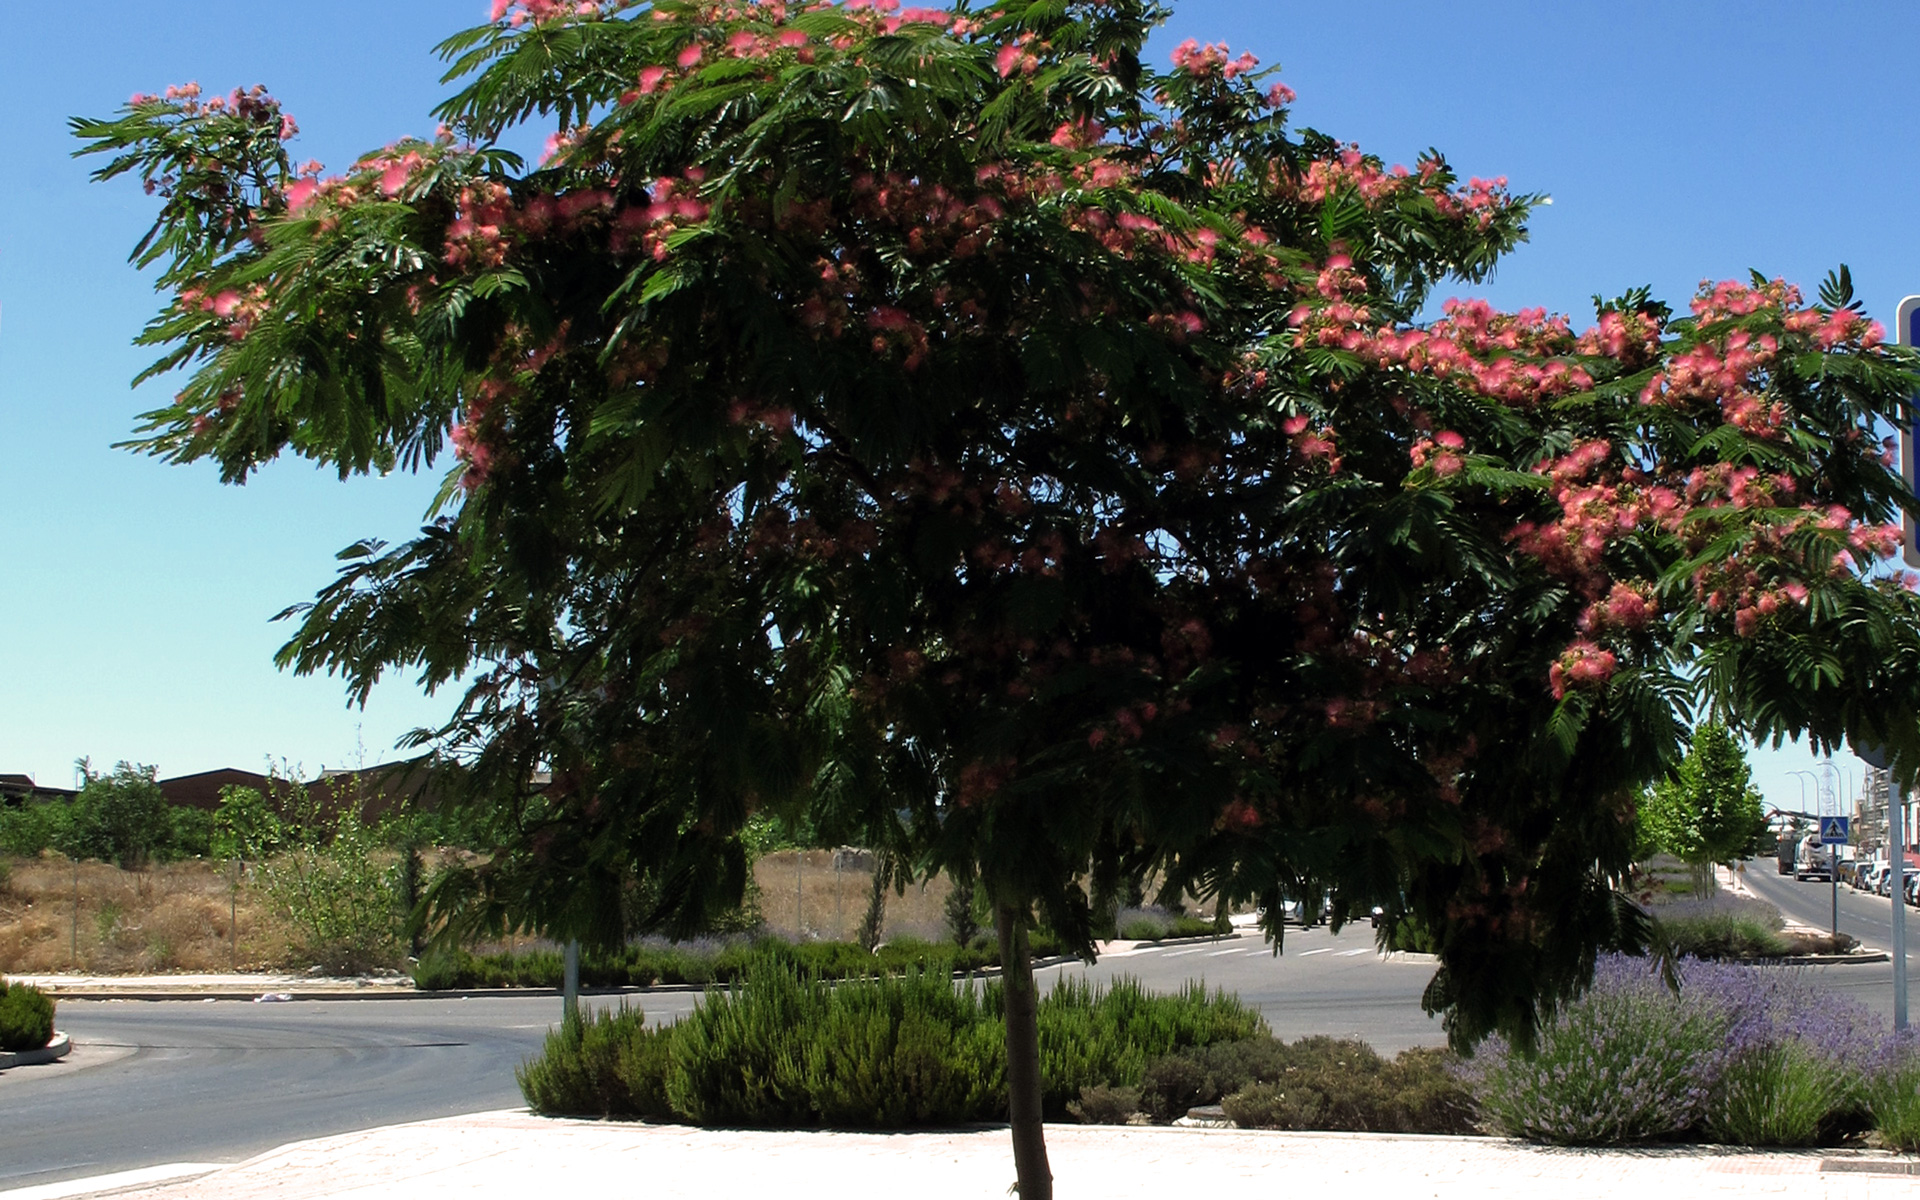 Albizia, arbre dans son ensemble (Crédits : Jacinta Iluch valero)